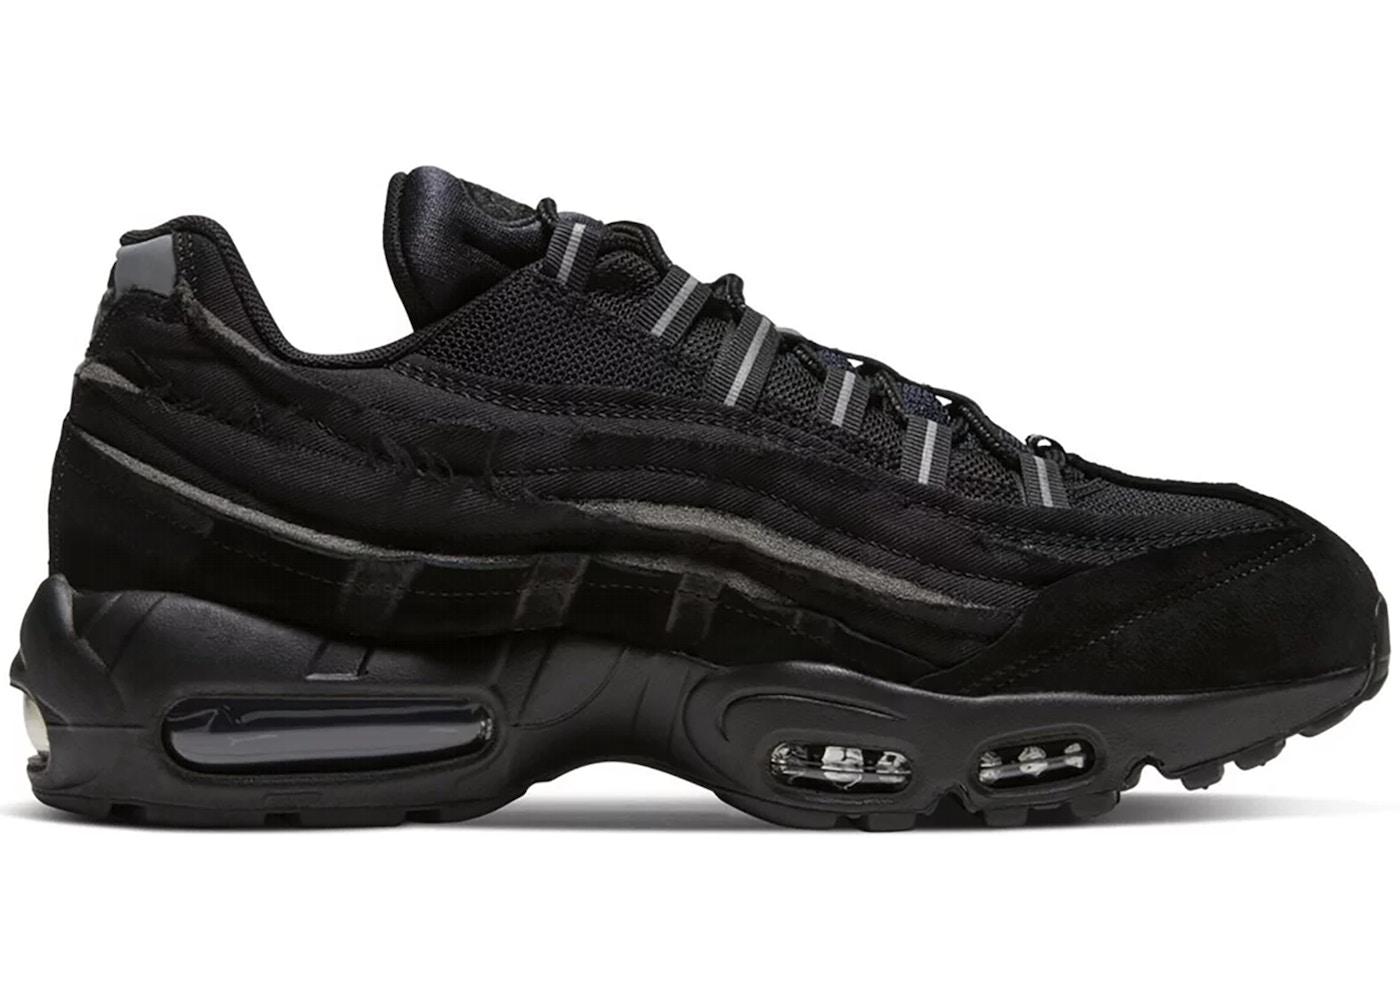 Nike Air Max 95 Comme des Garcons Black